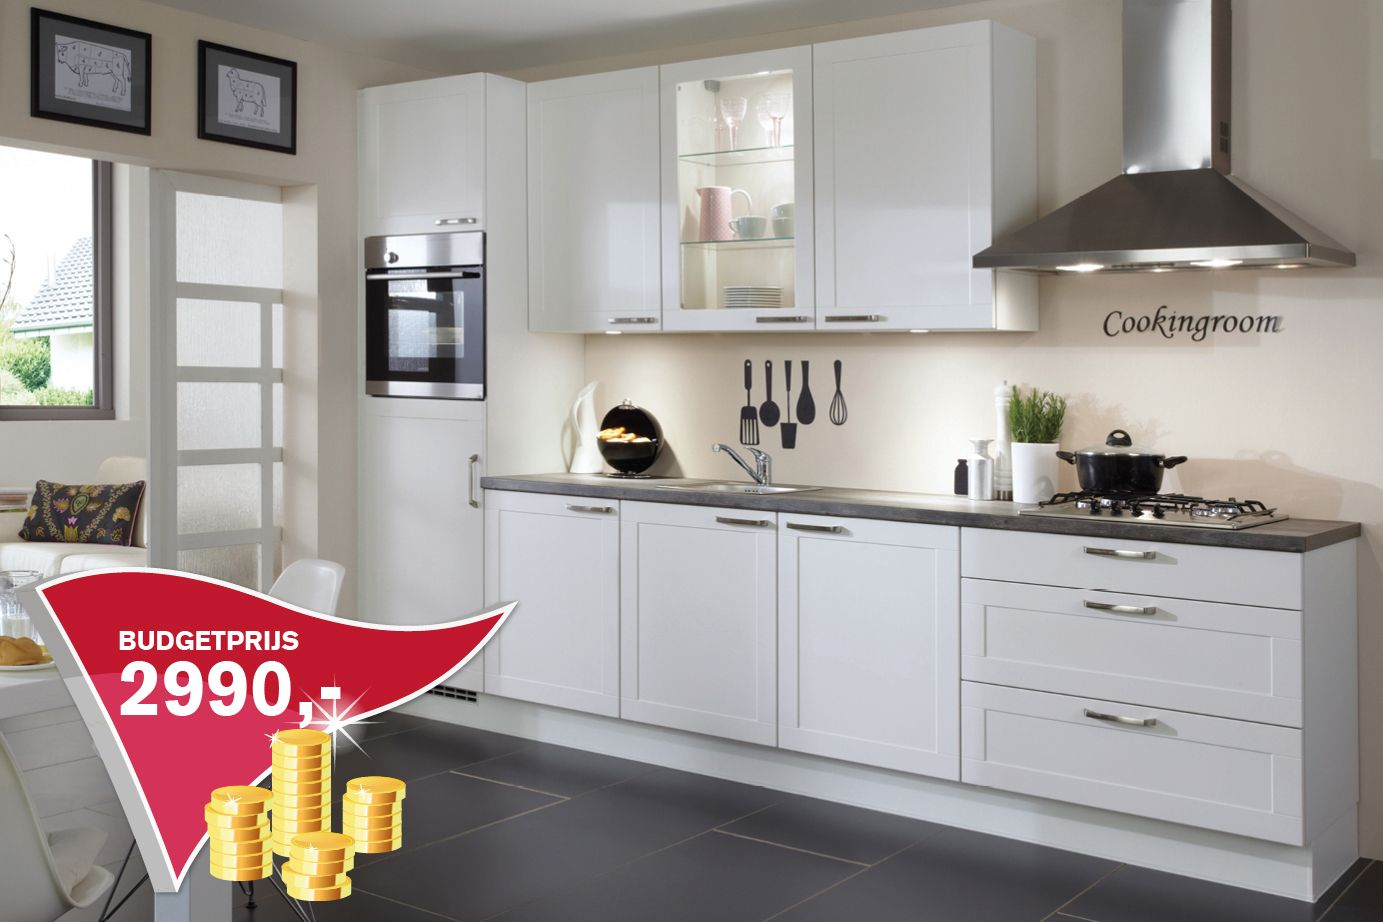 rechte keuken. wilt u een uitgekiende prijs? | db keukens | house decor